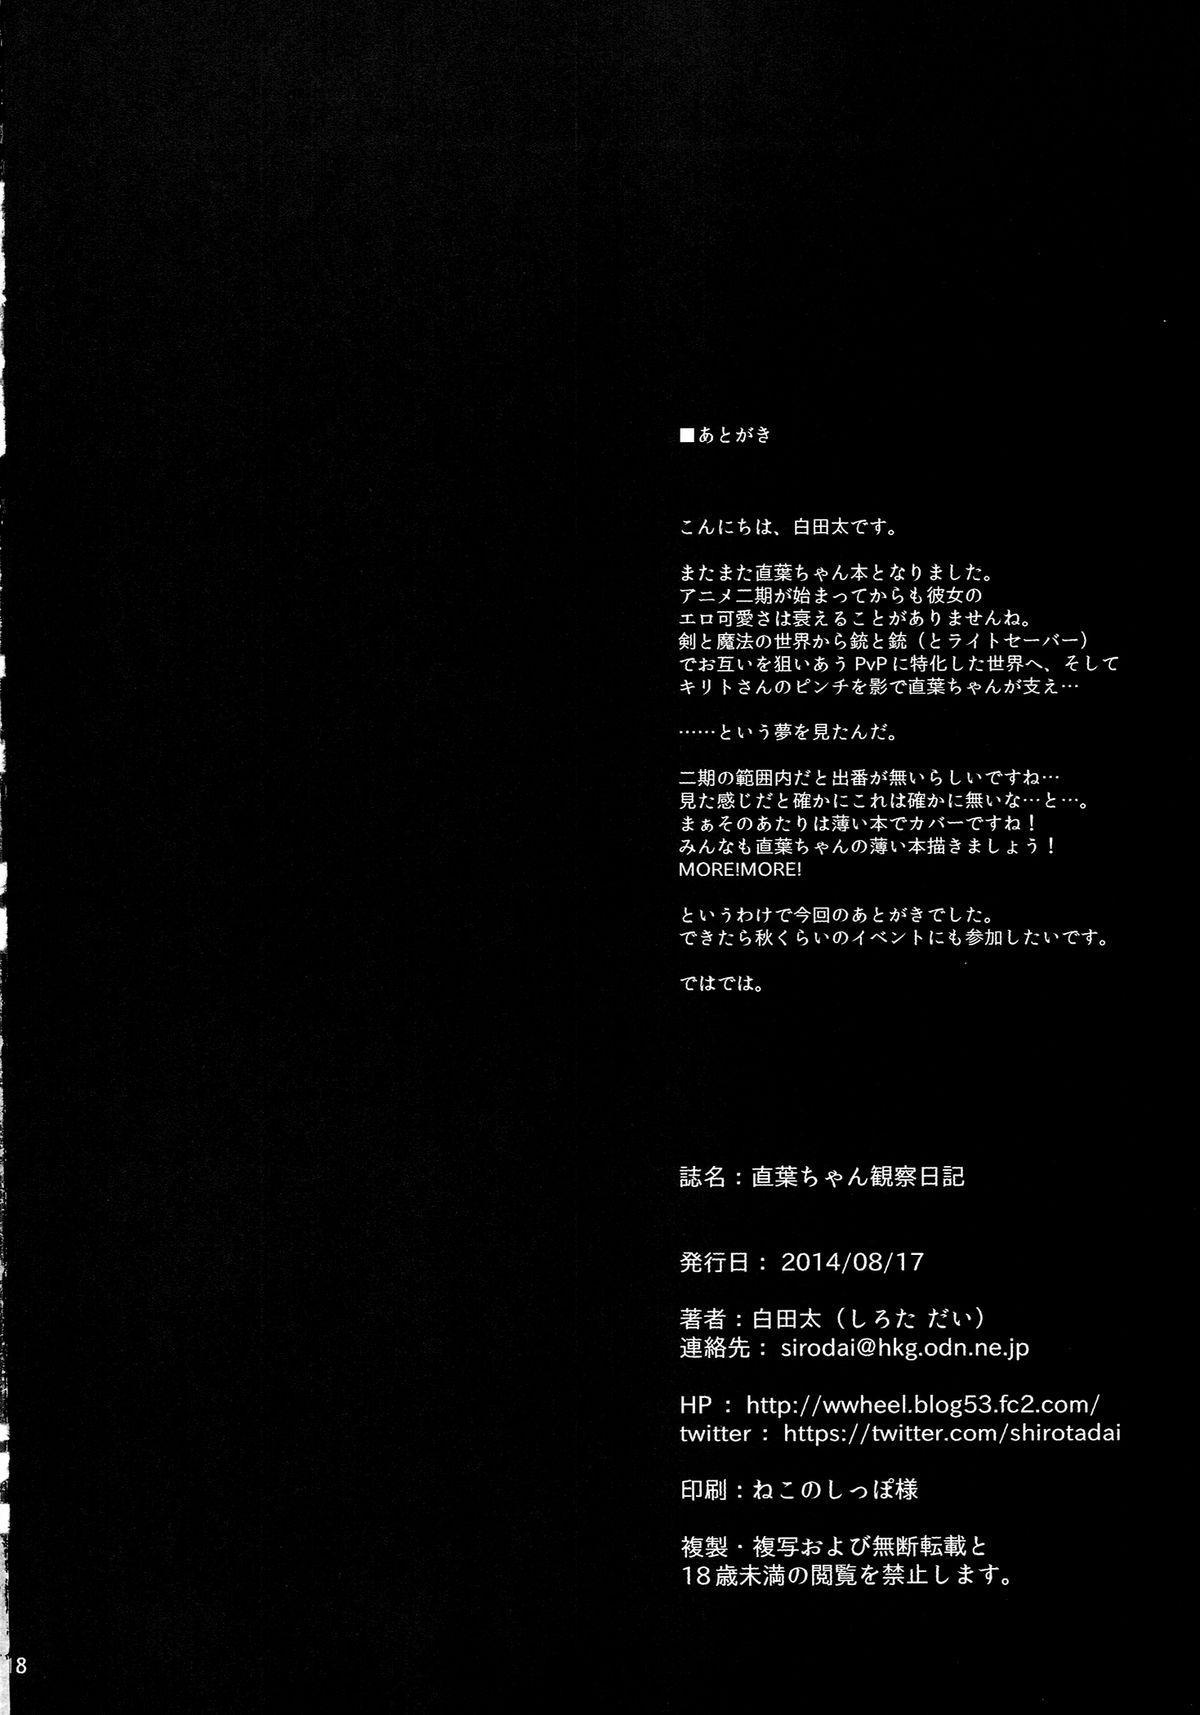 (C86) [waterwheel (Shirota Dai)] Suguha-chan Kansatsu Nikki | Suguha-chan Observation Diary (Sword Art Online) [English] {doujin-moe.us} 18